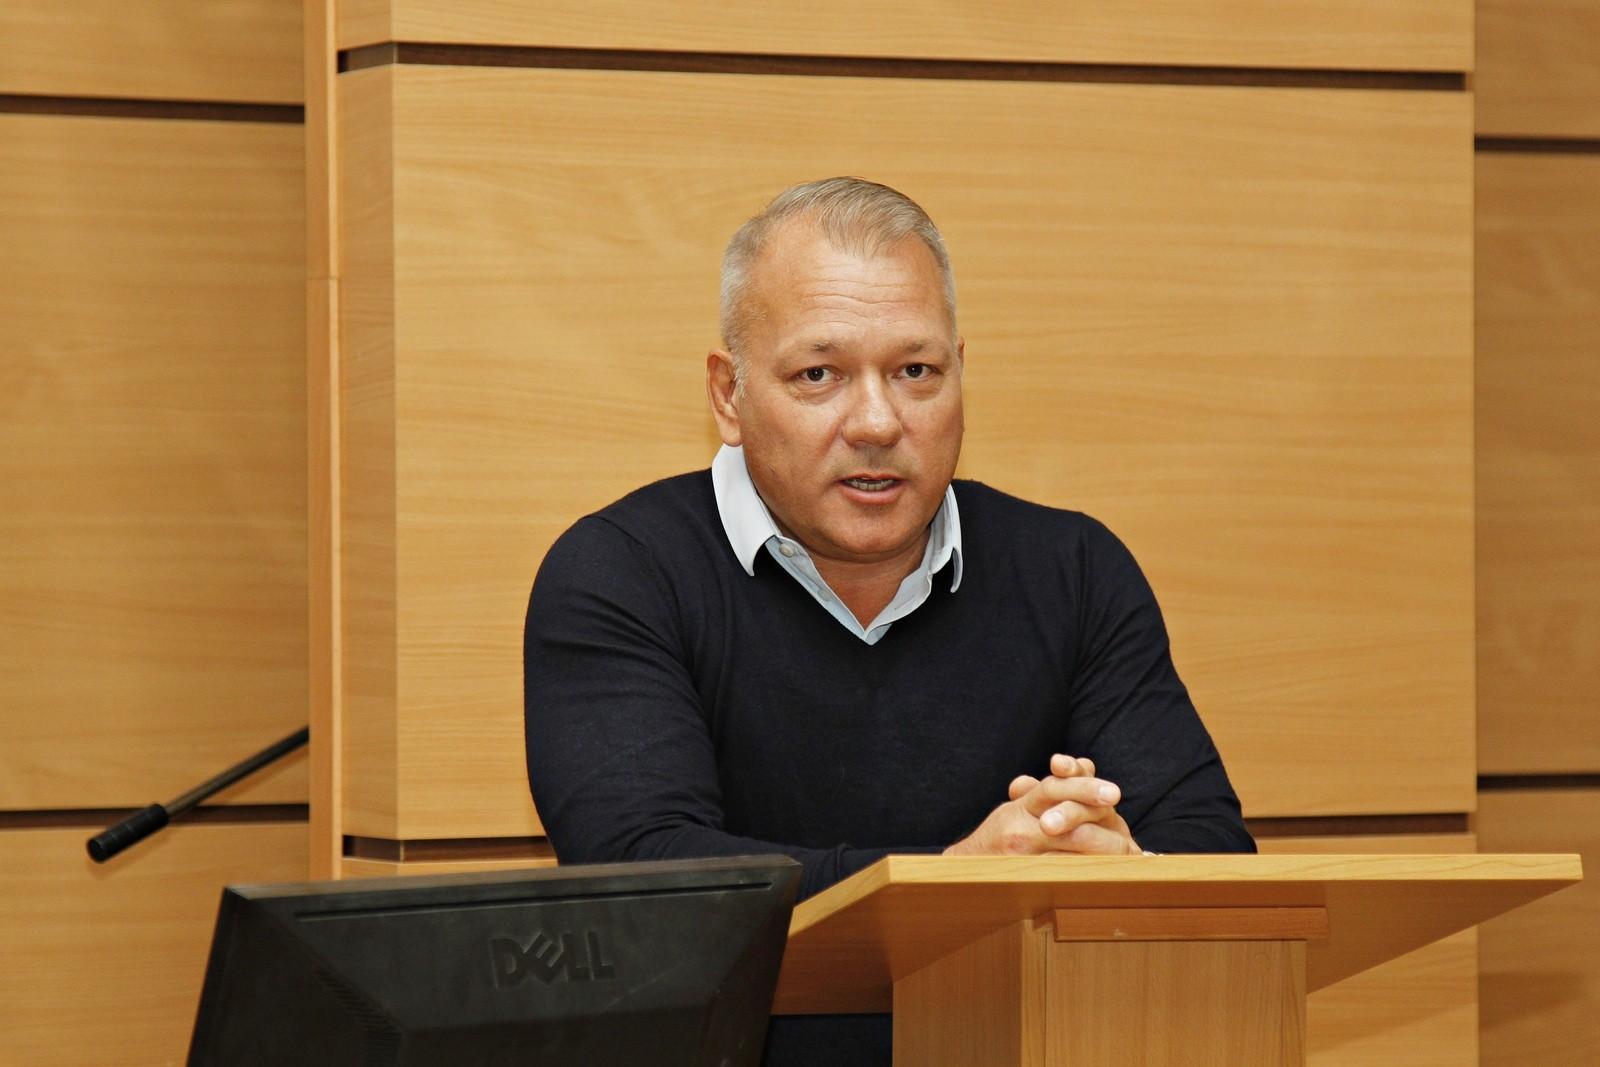 Balogh Levente tartott előadást a Neumann János Egyetemen